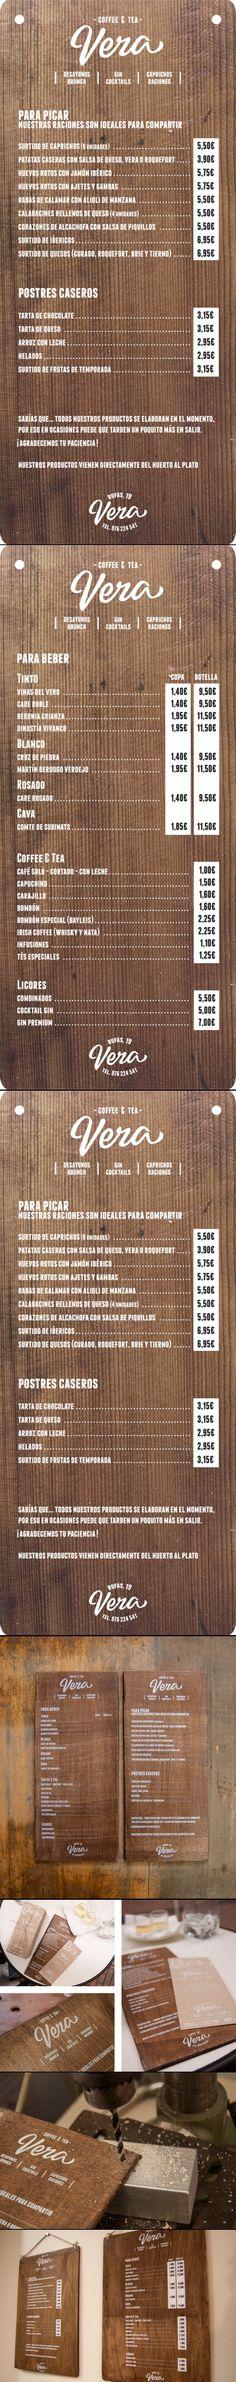 Vera by El Calotipo   Art of the menu